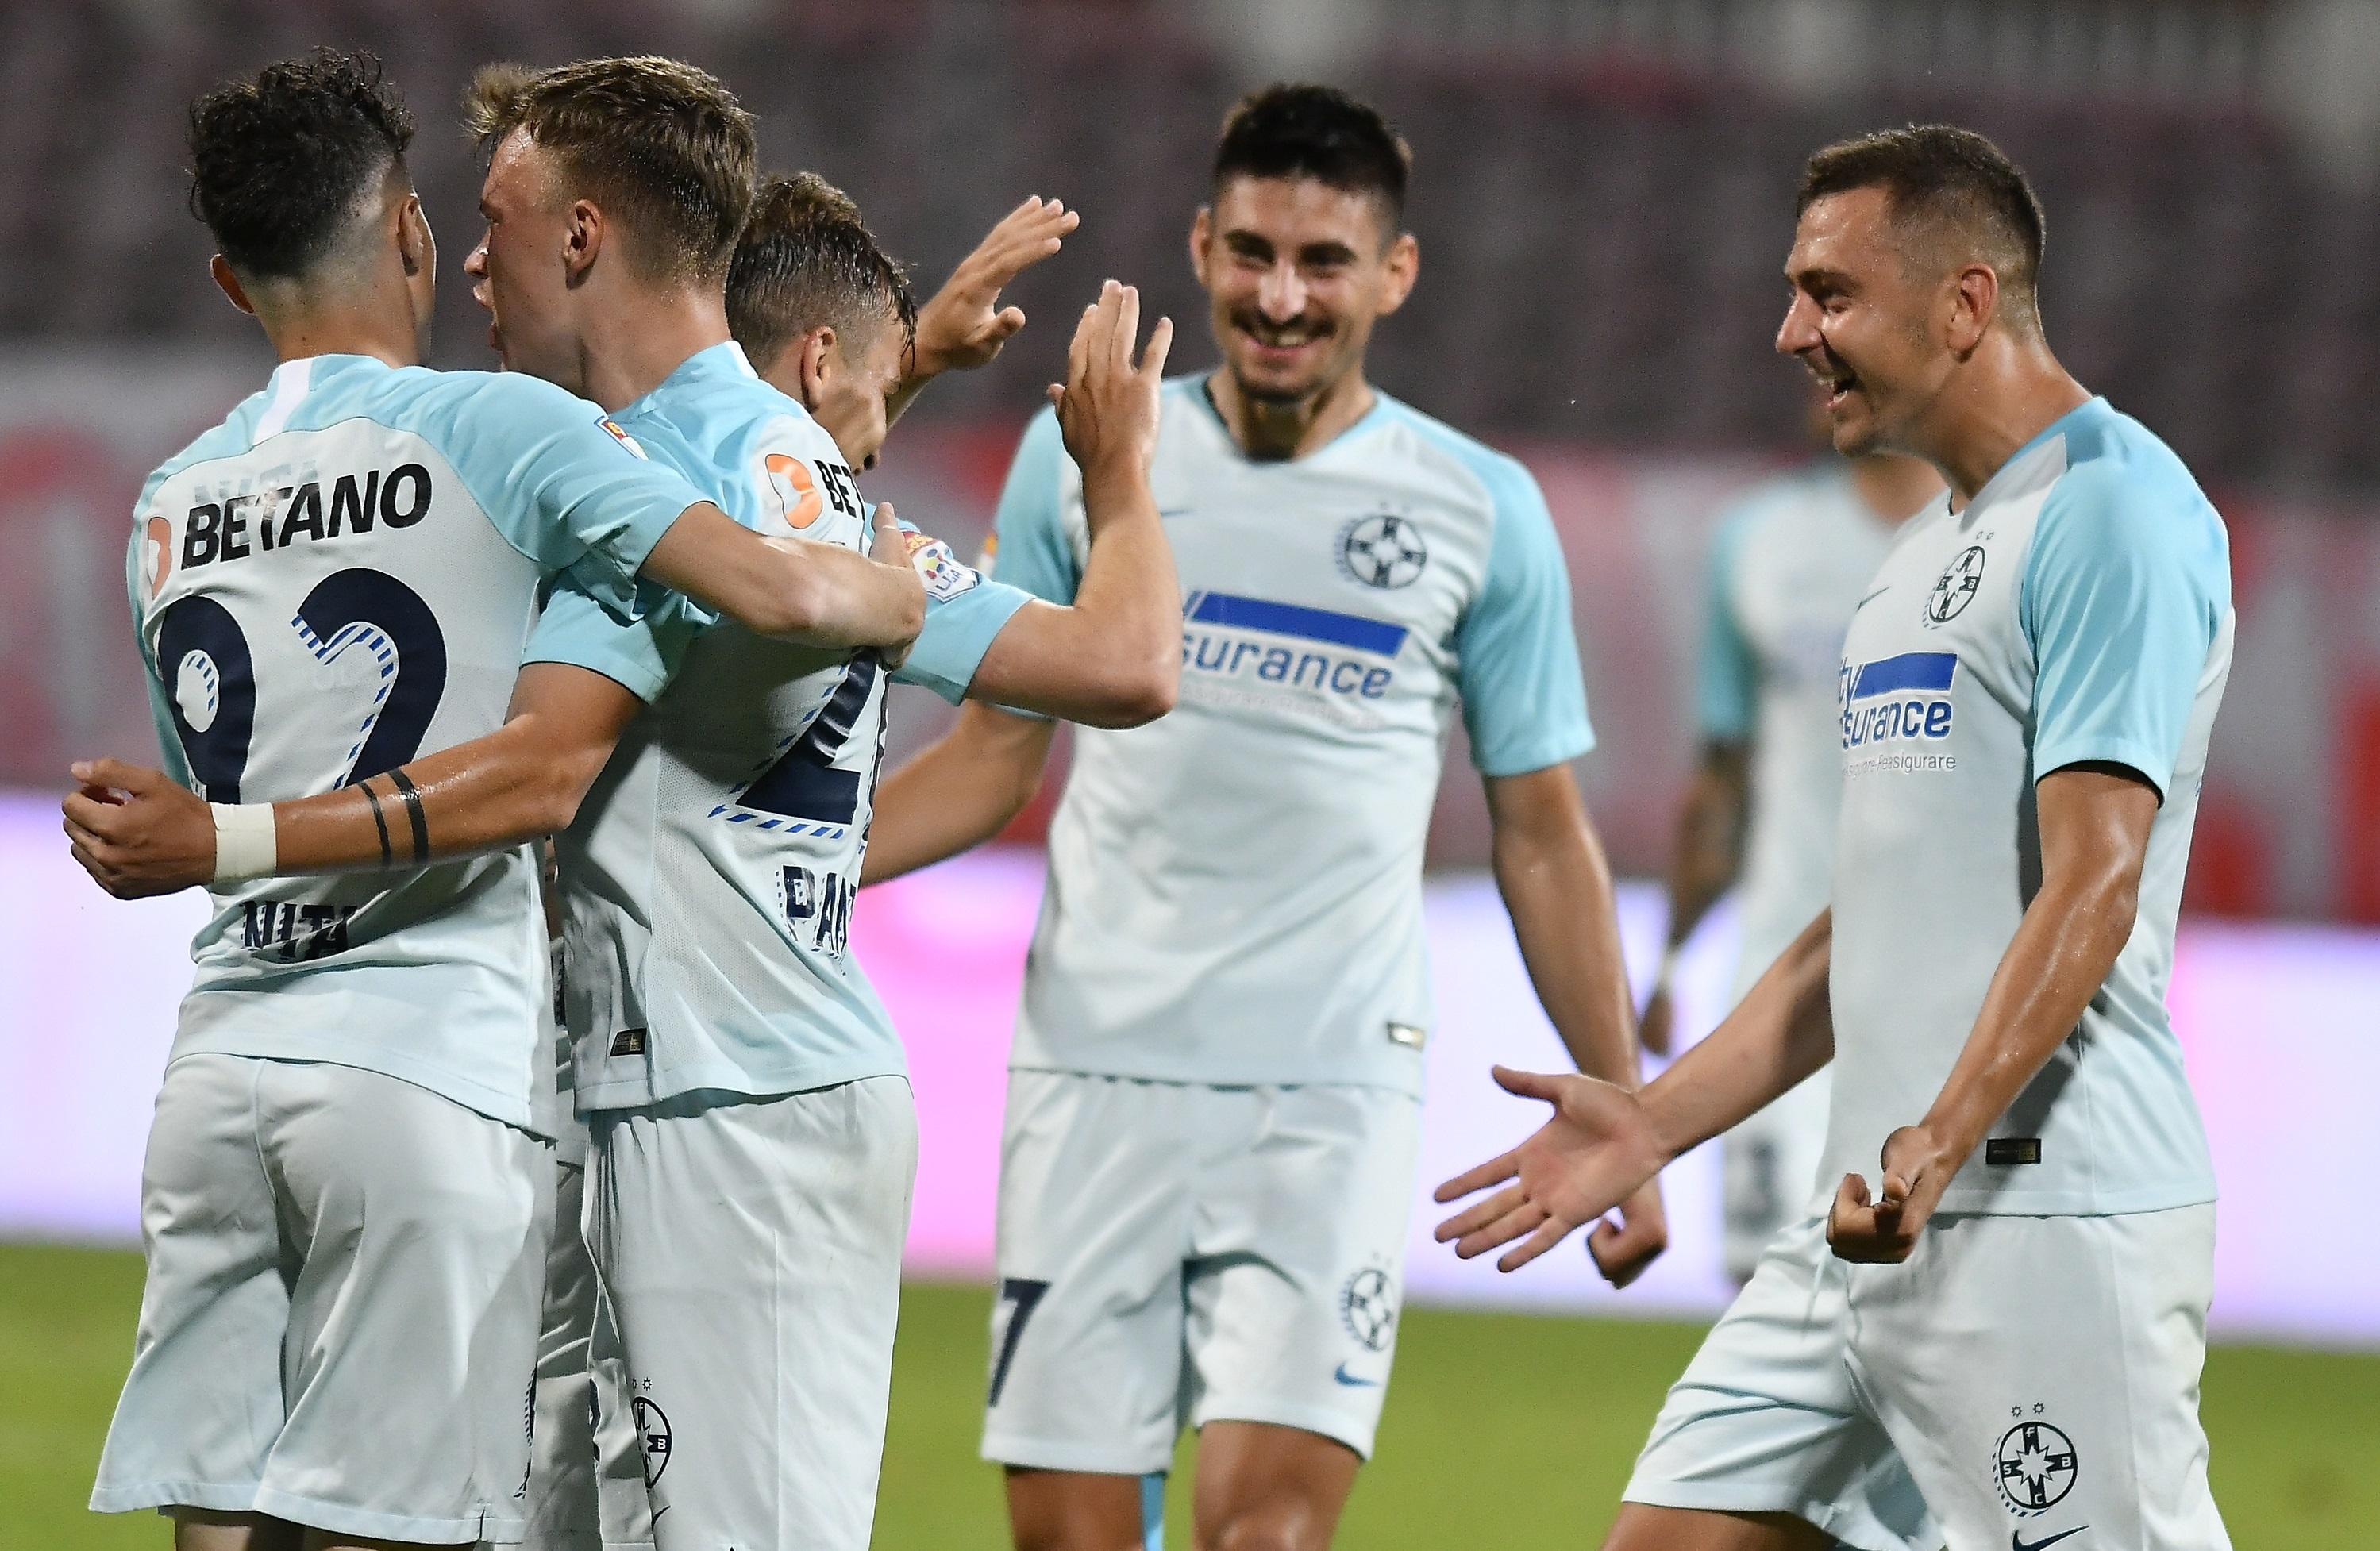 Reacția Craiovei, după ce Gigi Becali a spus că FCSB va evolua cu copiii contra lui CFR Cluj